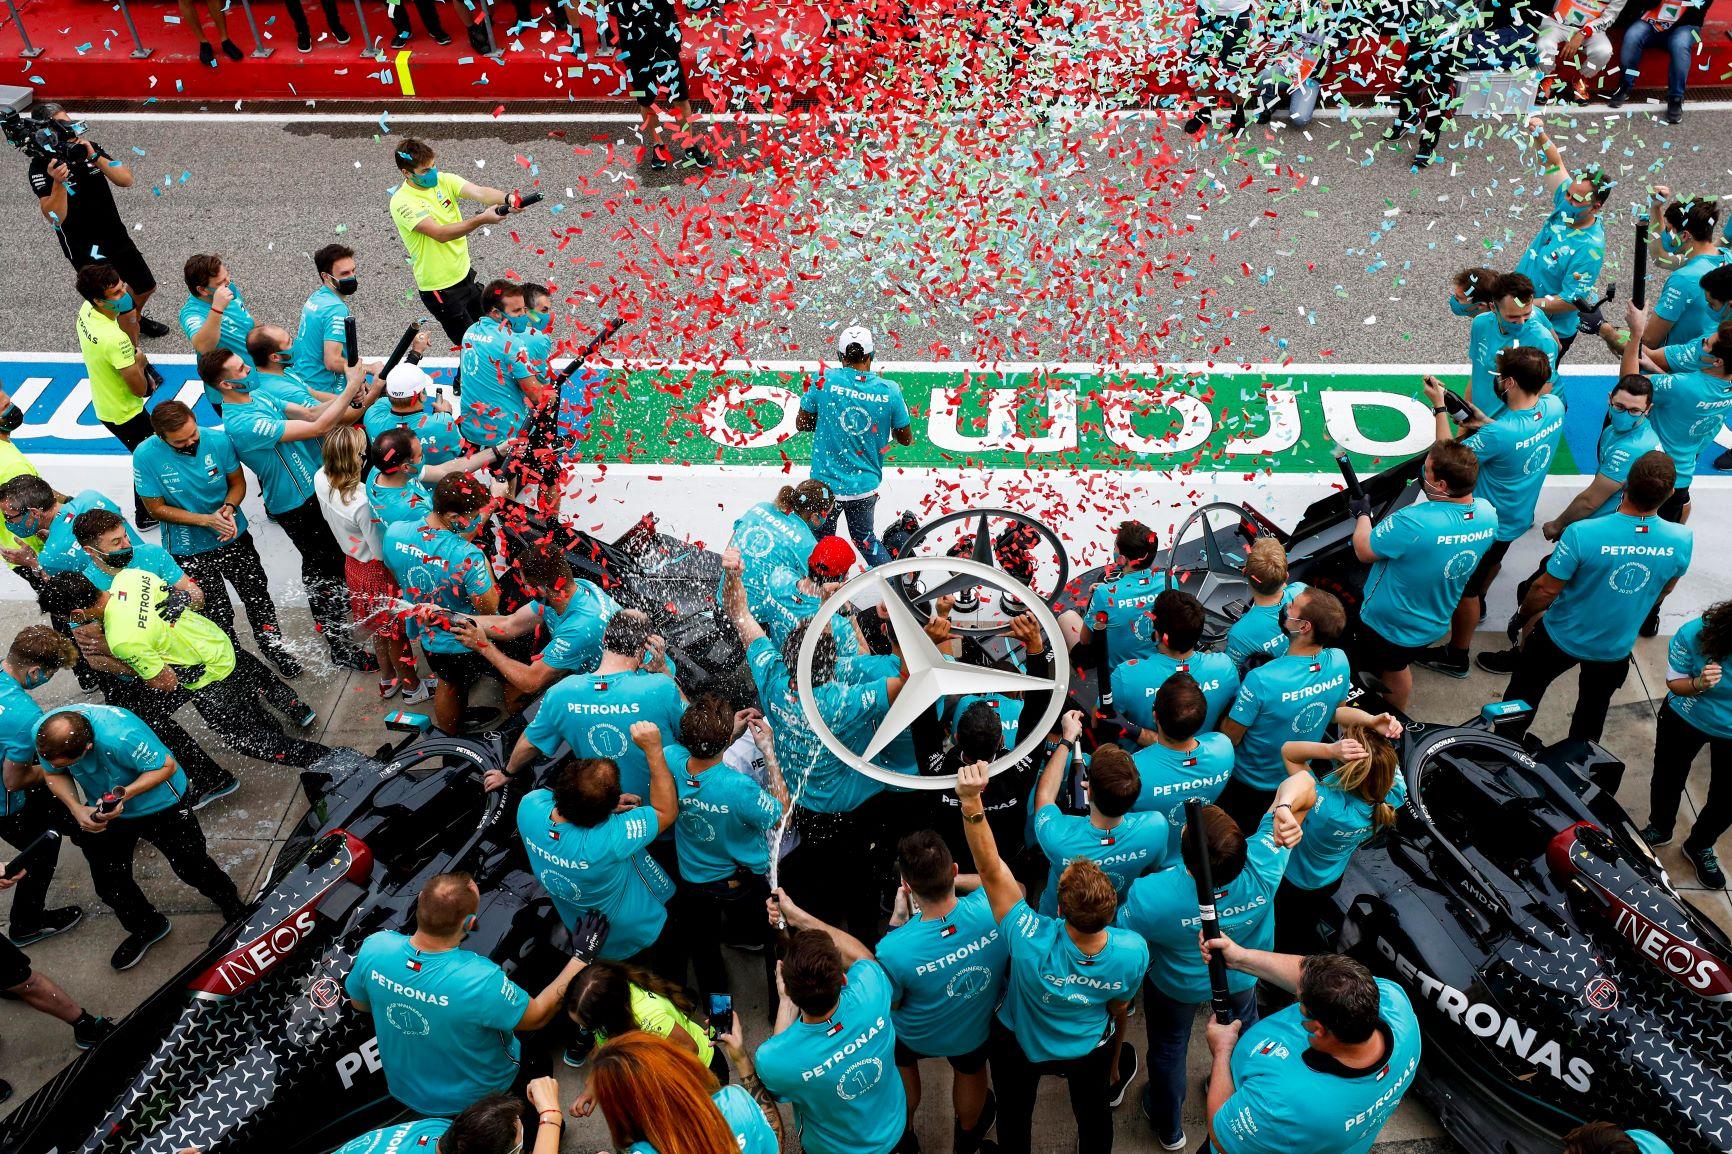 圖2 Mercedes-AMG Petronas更在2020年賽季創下Formula 1車隊冠軍七連霸的空前壯舉.jpg